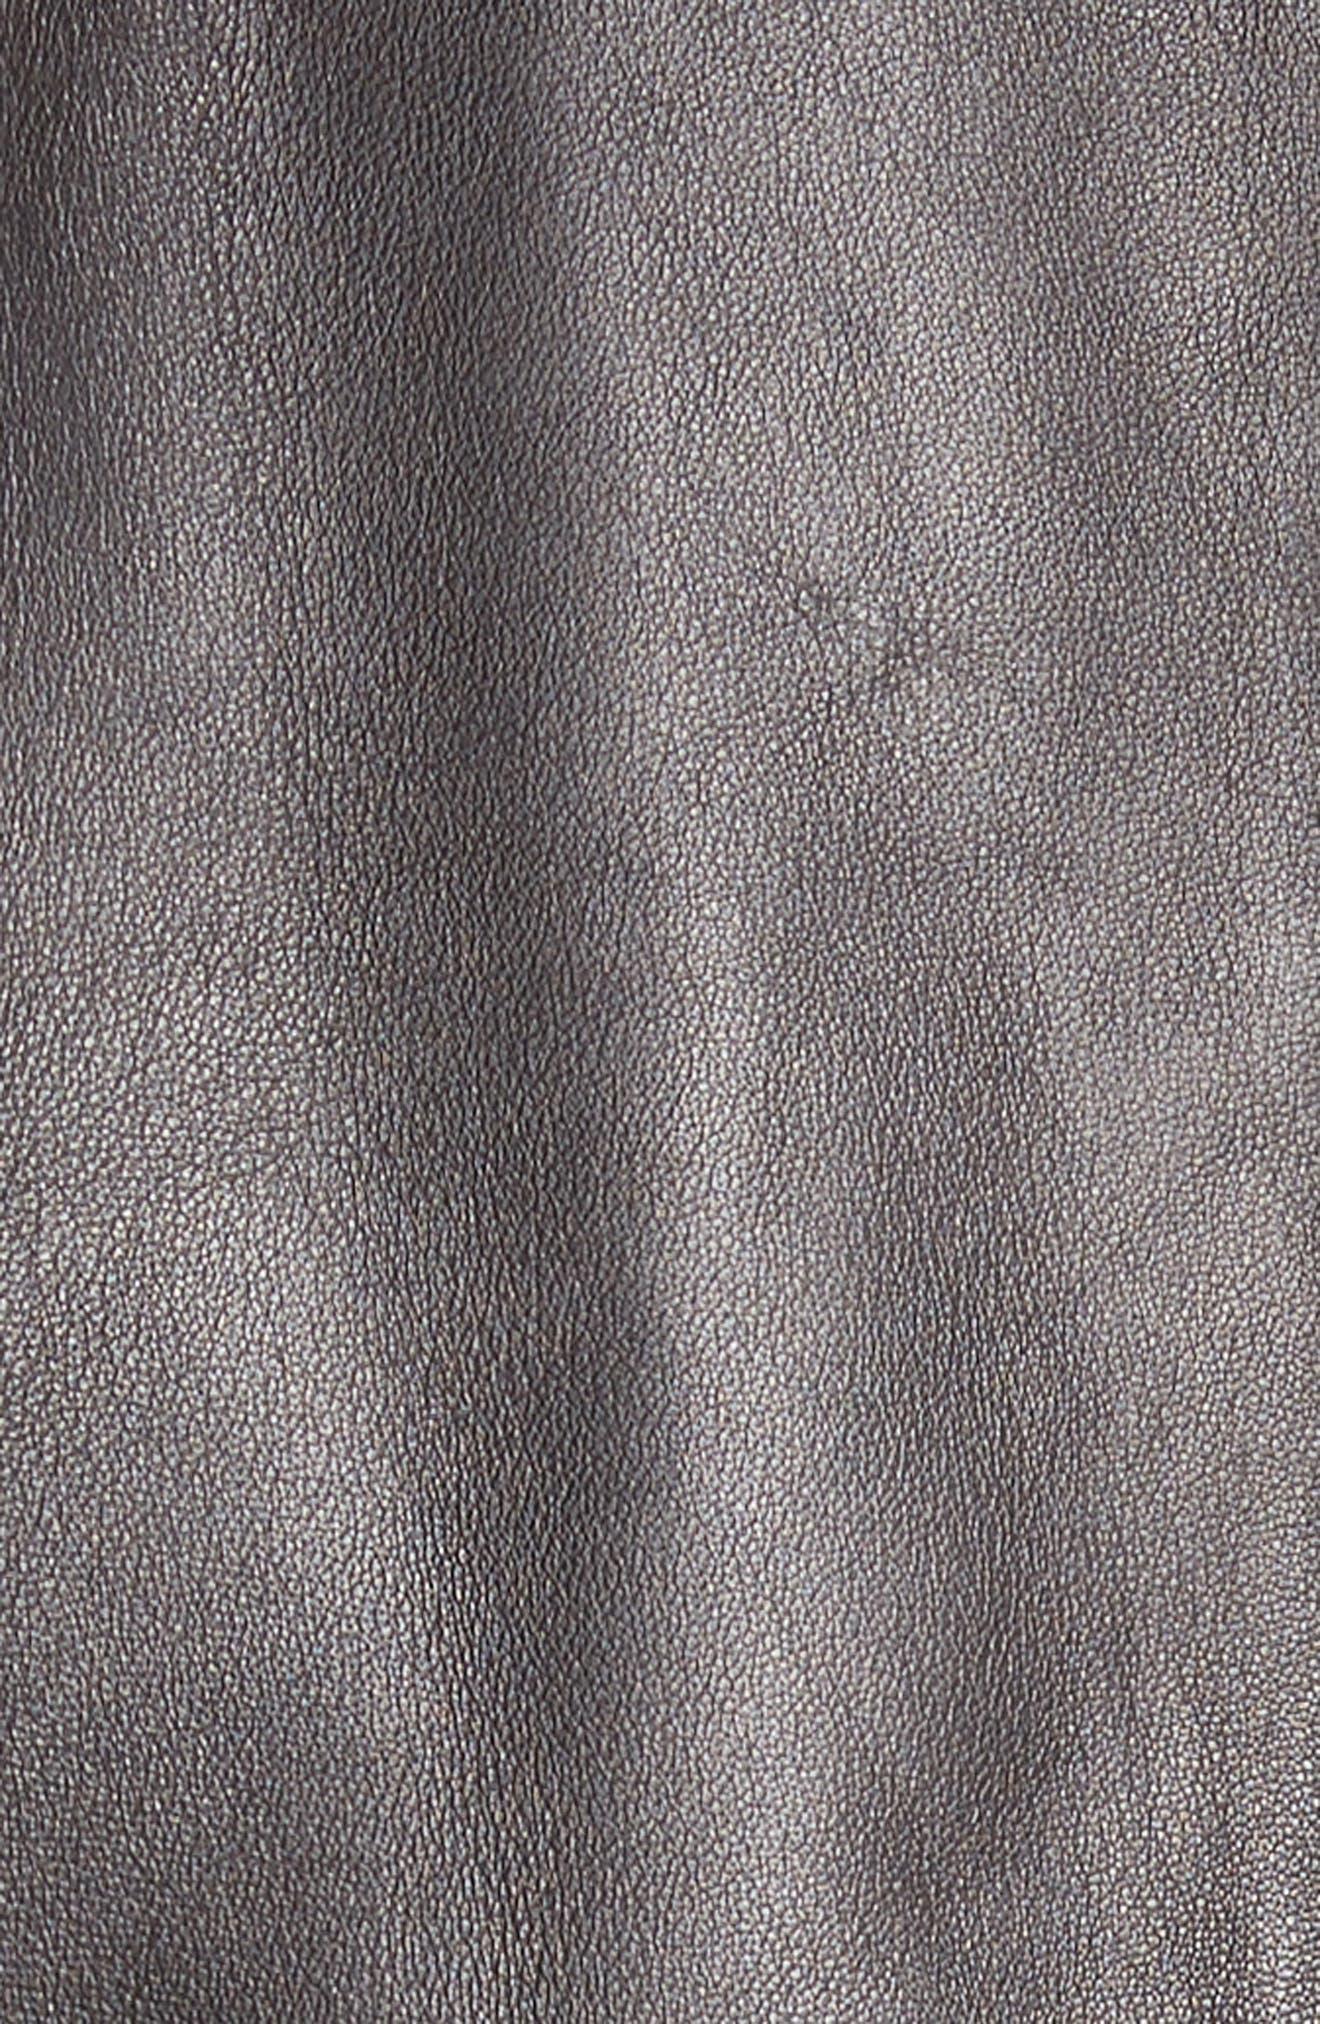 Plongé Leather Bolero Jacket,                             Alternate thumbnail 5, color,                             Black